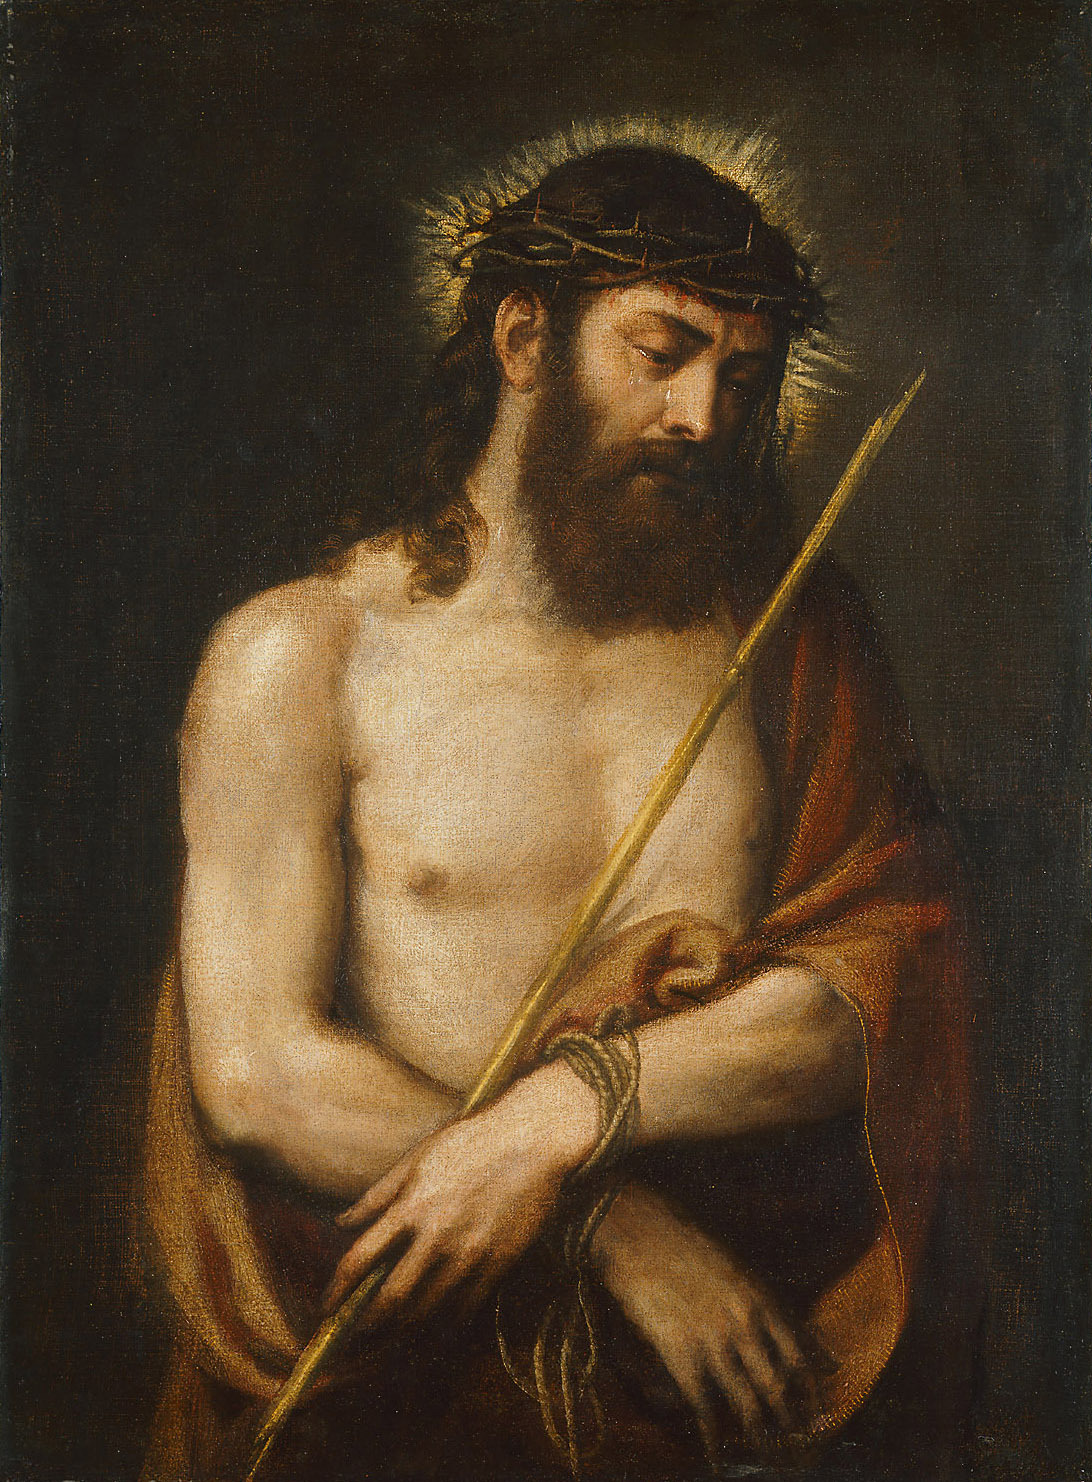 Christus mit der Dornenkrone von Tiziano Vecellio, gen. Tizian